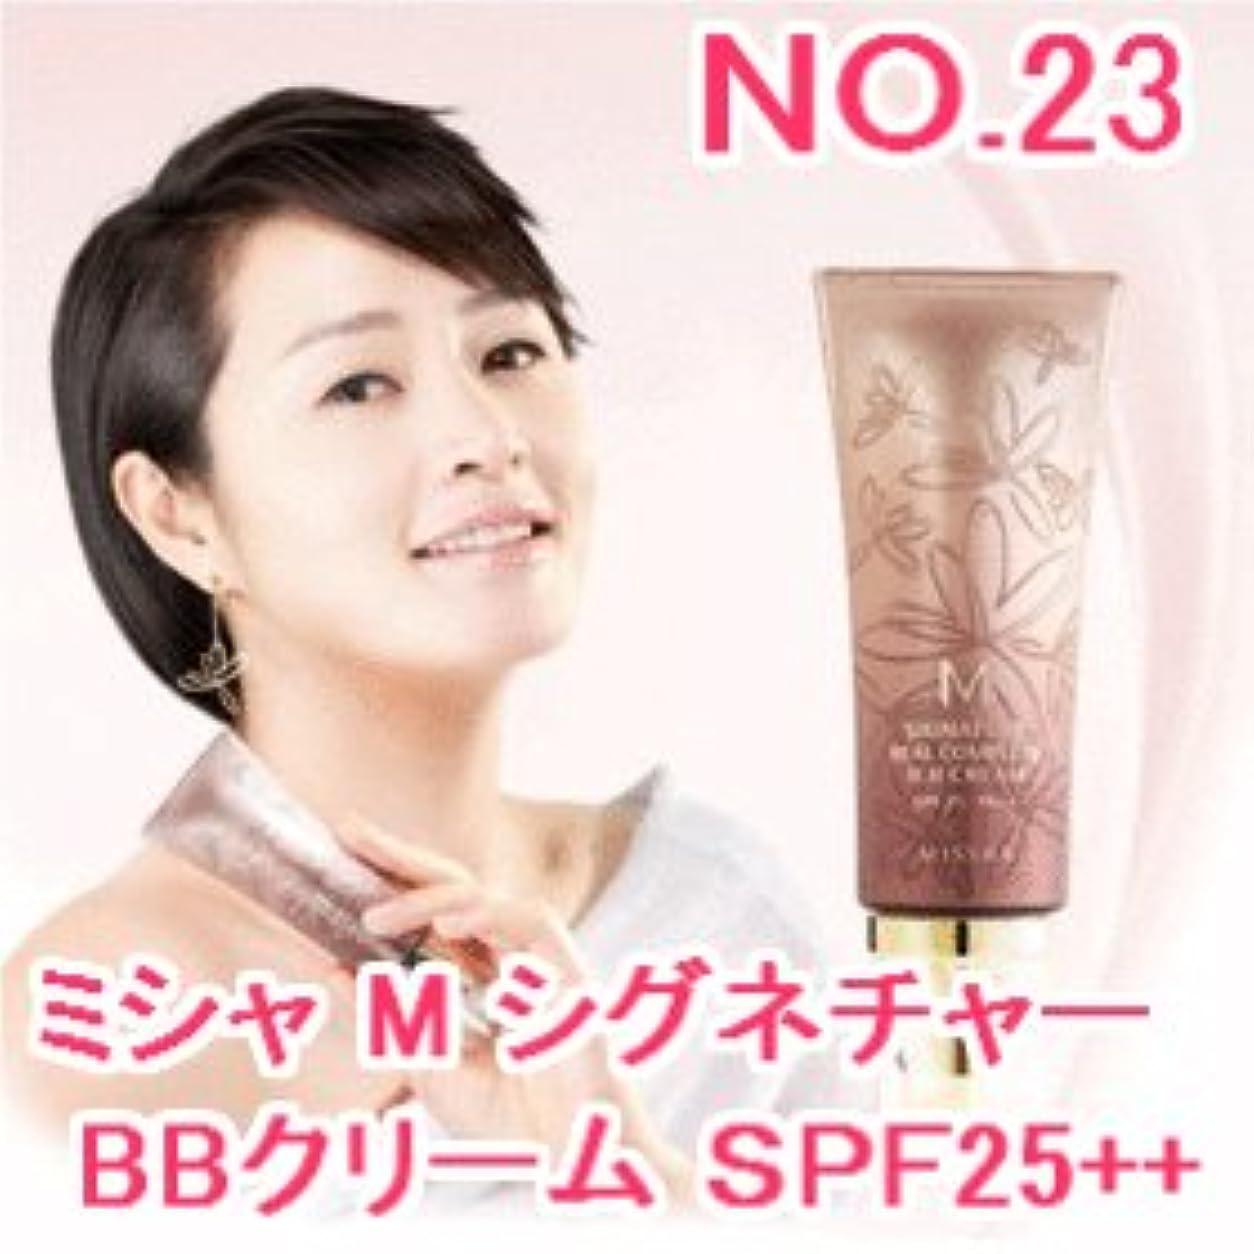 アニメーション漂流写真NO.23 ミシャ M シグネチャー リアルコンプリート BBクリーム SPF25 PA++